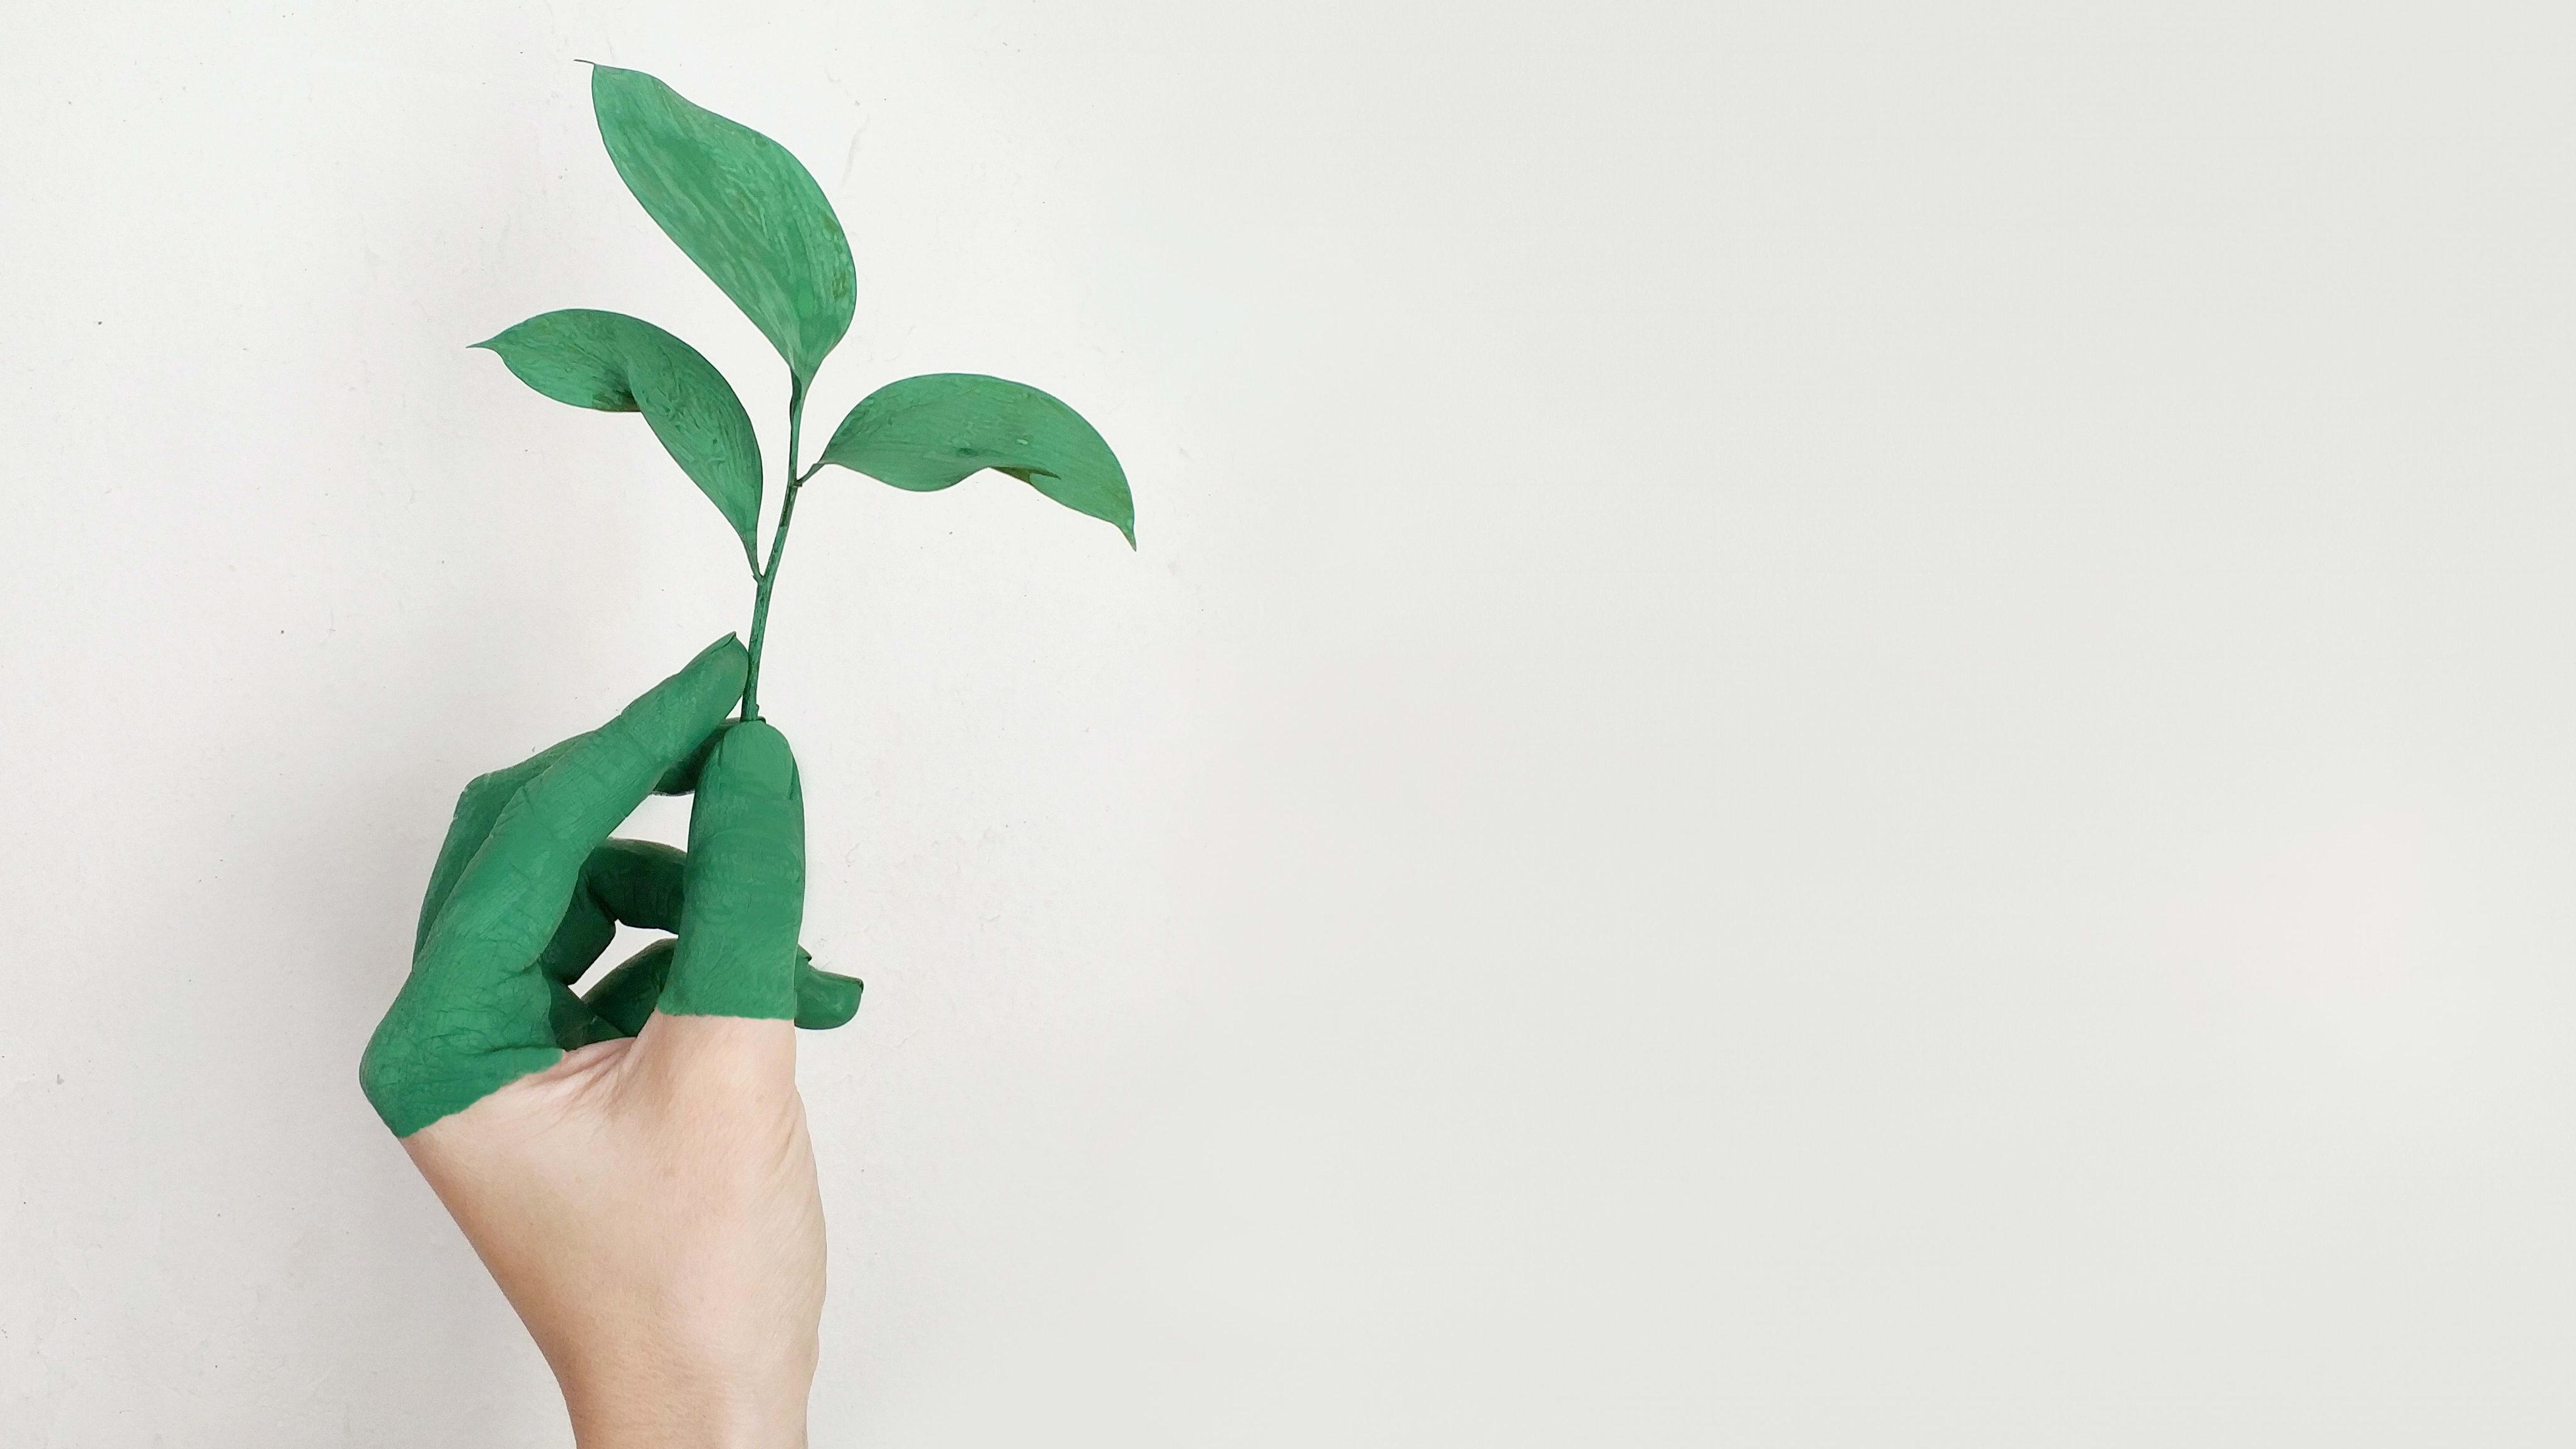 Quels sont les enjeux écologiques liés aux diagnostics immobiliers?